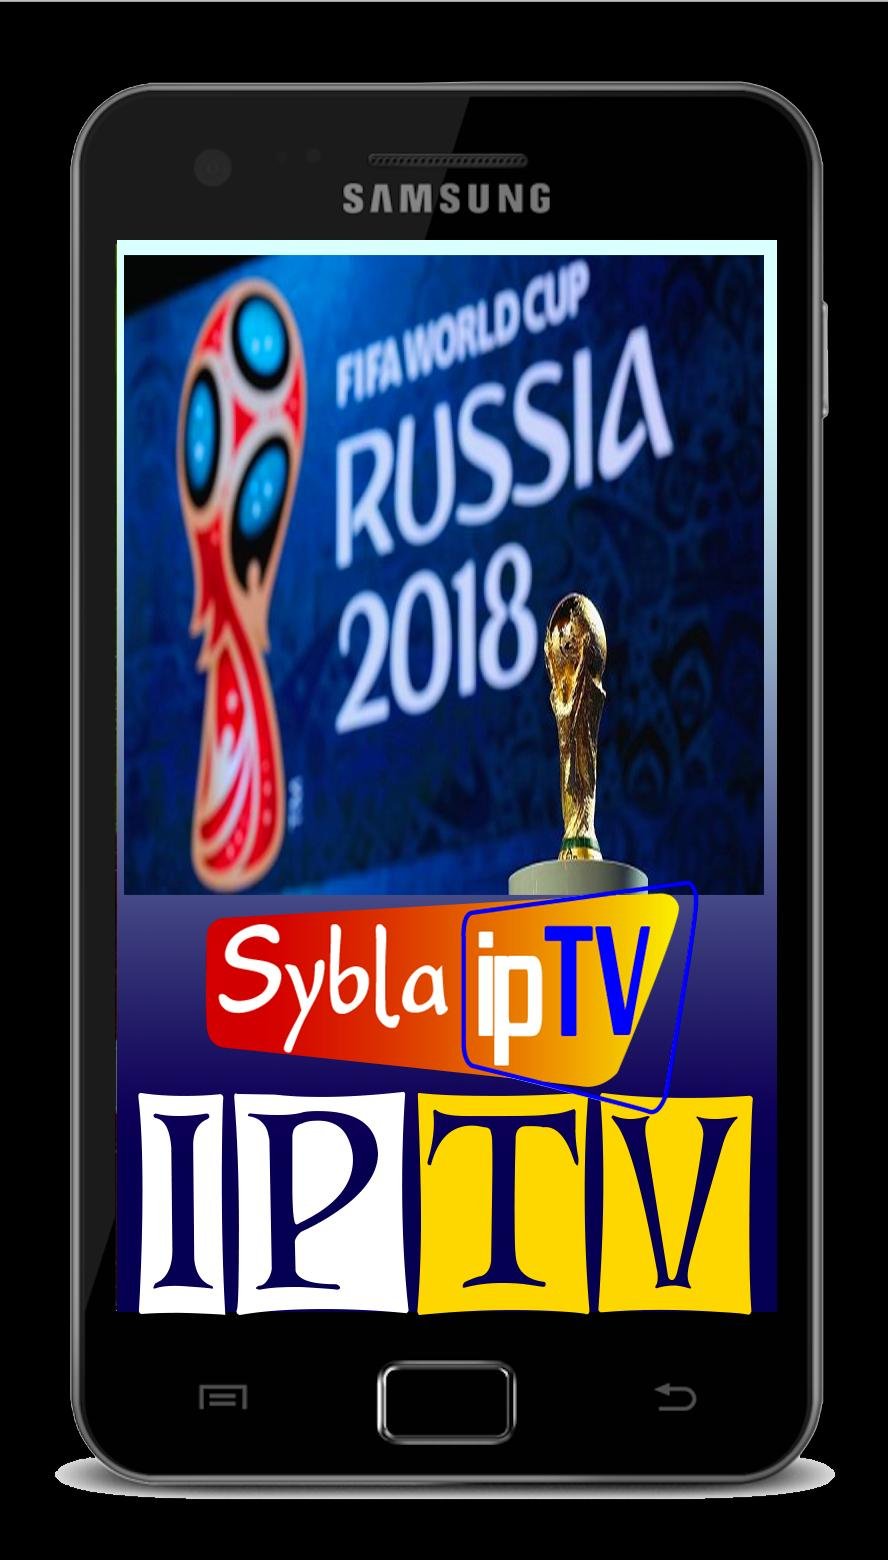 TV 2018 SYBLA TÉLÉCHARGER